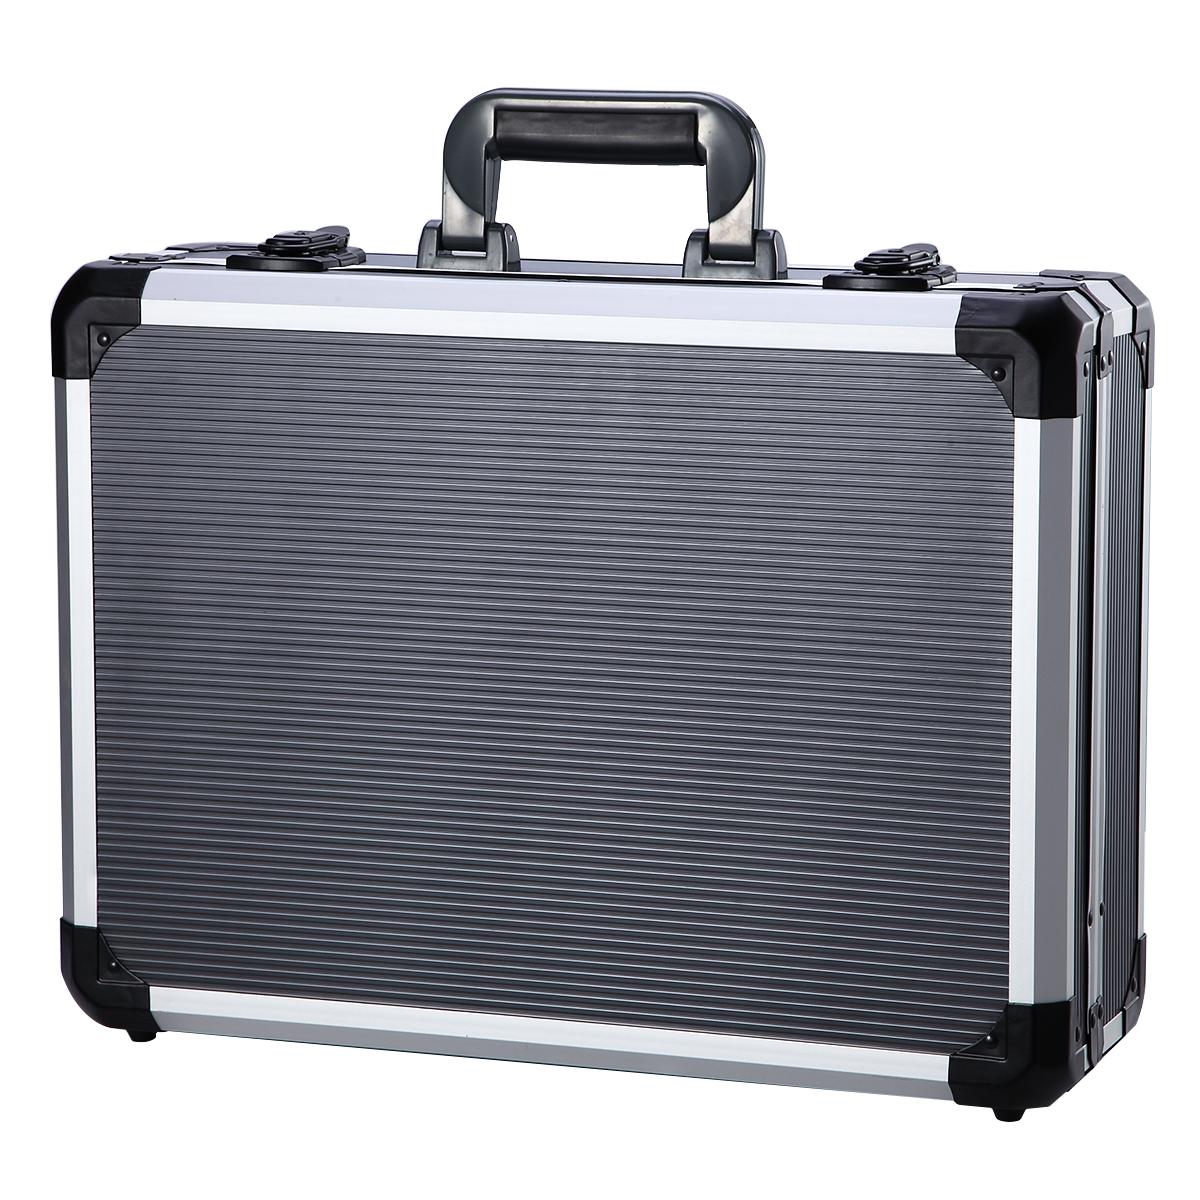 алюминиевых сплавов с замком, бортовой инструмент обслуживания инструментарий коробку многофункциональный чемодан пустые коробки с лямка